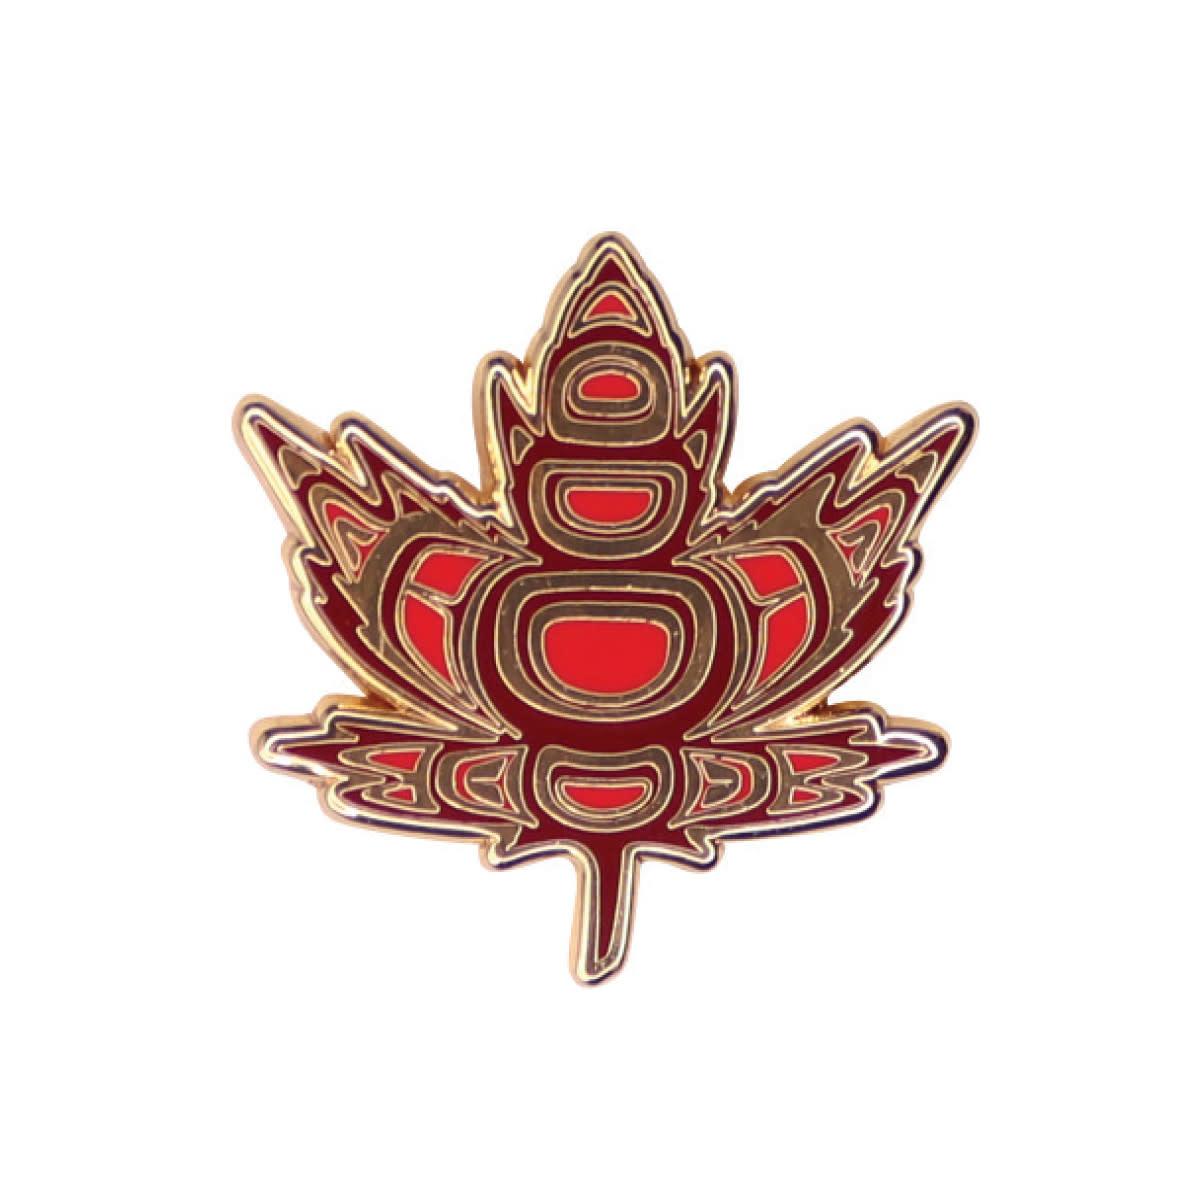 Enamel Pin- Indigenous Maple-Paul Windsor-2